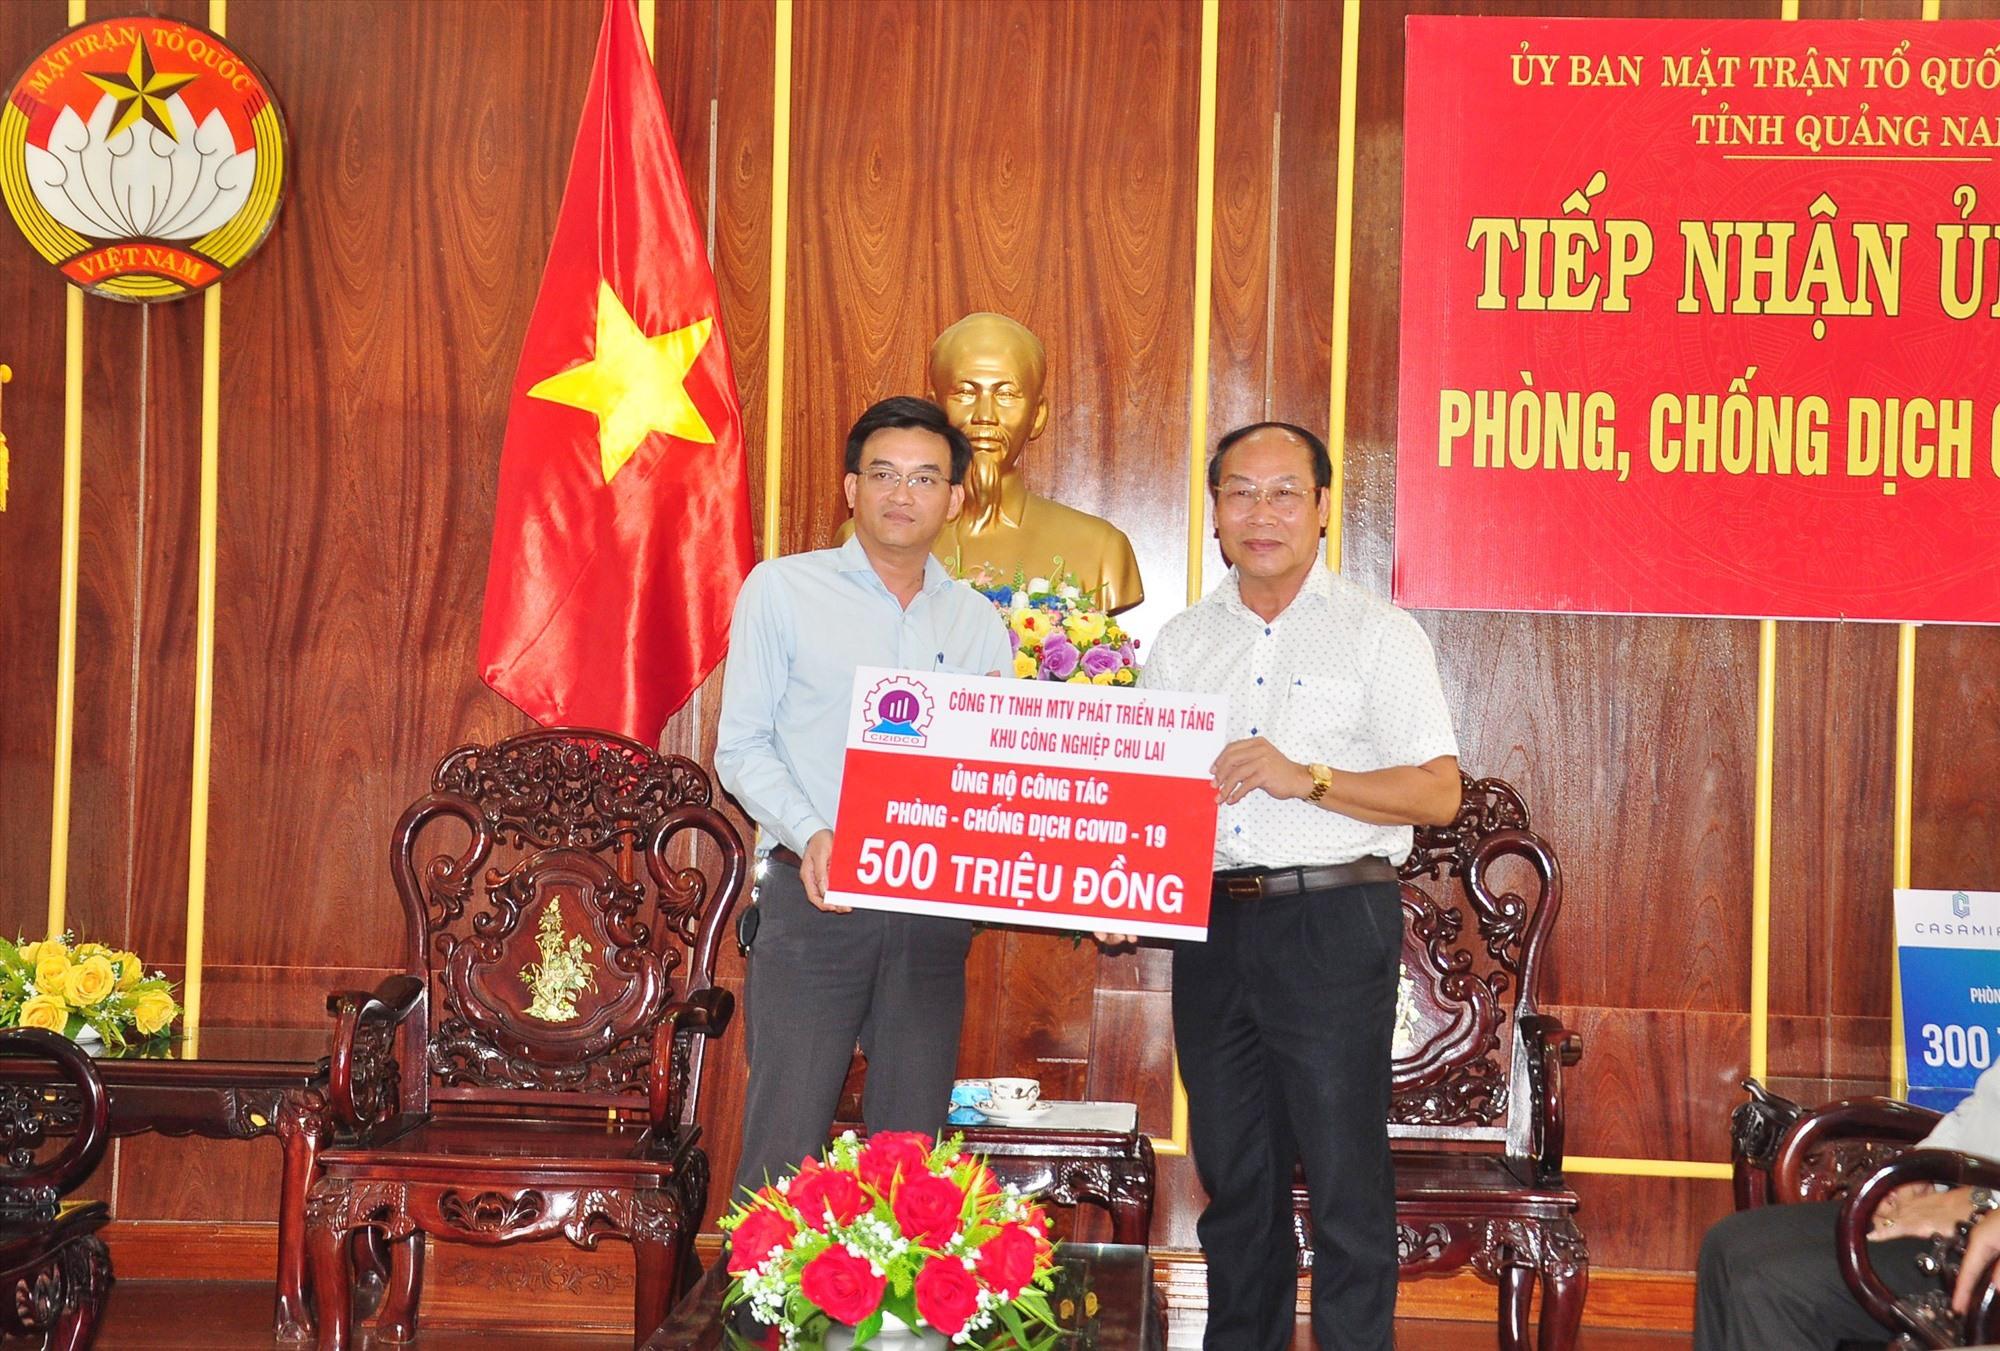 Ông Vũ Hồng Nhân- Giám đốc CIZIDCO trao biểu trưng ủng hộ 500 triệu đồng cho lãnh đạo Ủy ban MTTQ Việt Nam tỉnh góp sức phòng chống dịch Covid-19 năm 2020. Ảnh: N.T.B